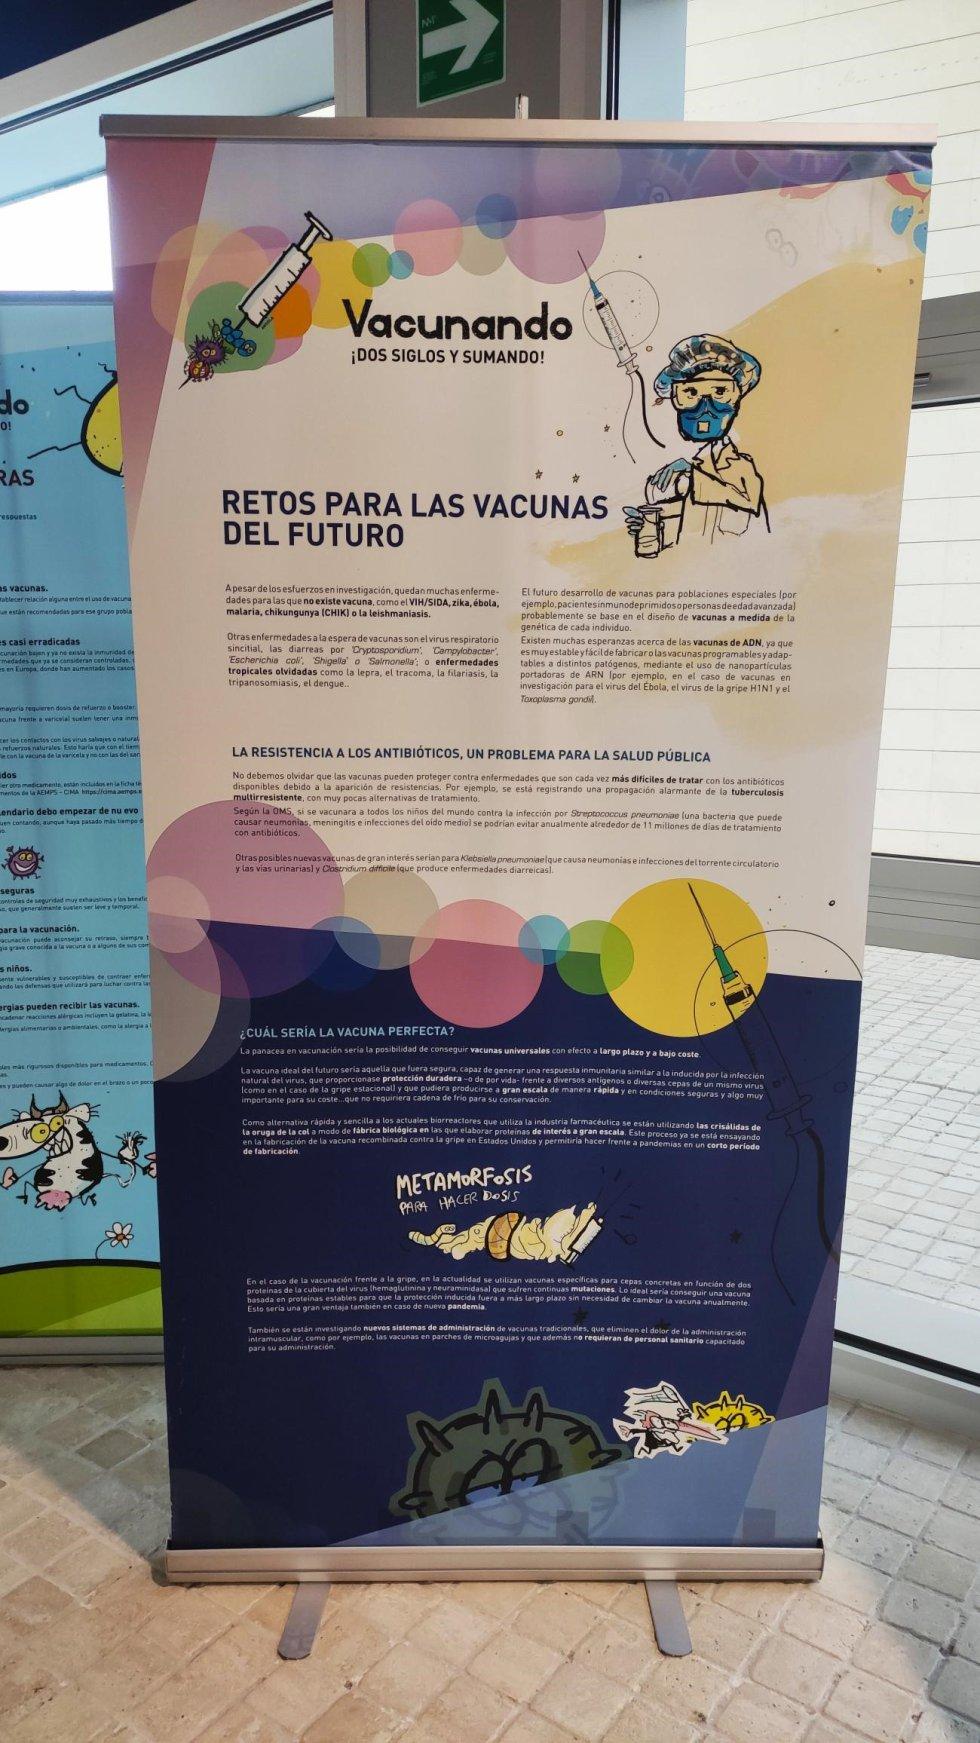 Después de la Facultad de Farmacia, la exposición se podrá ver en la Cueva del Pernales, en la plaza mayor de Alcaraz